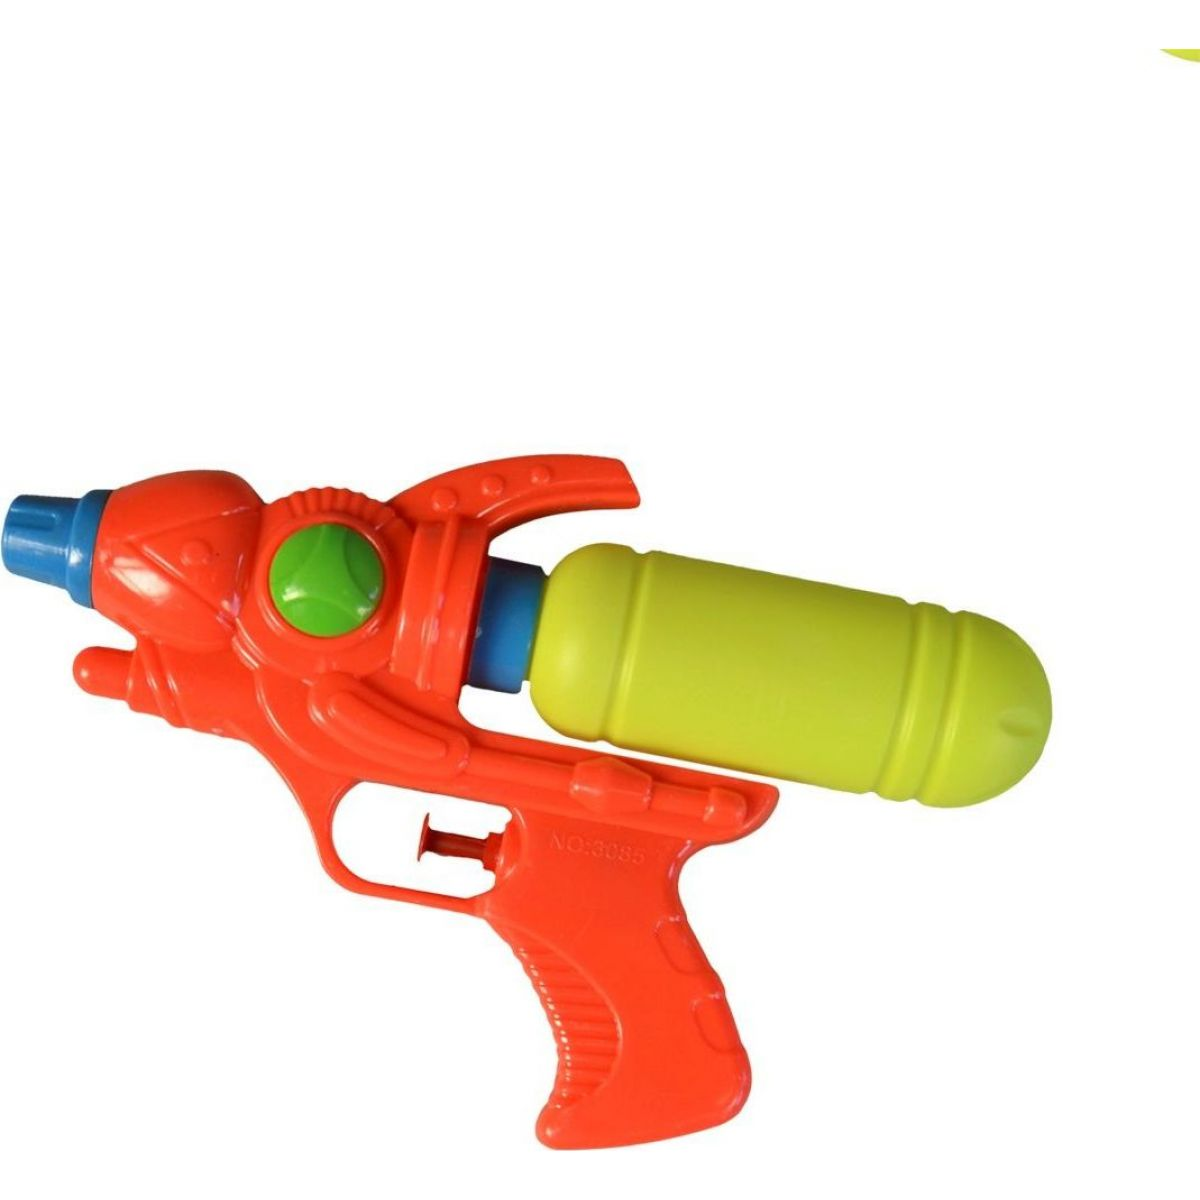 MaDe Vodné pištole 21 cm oranžová